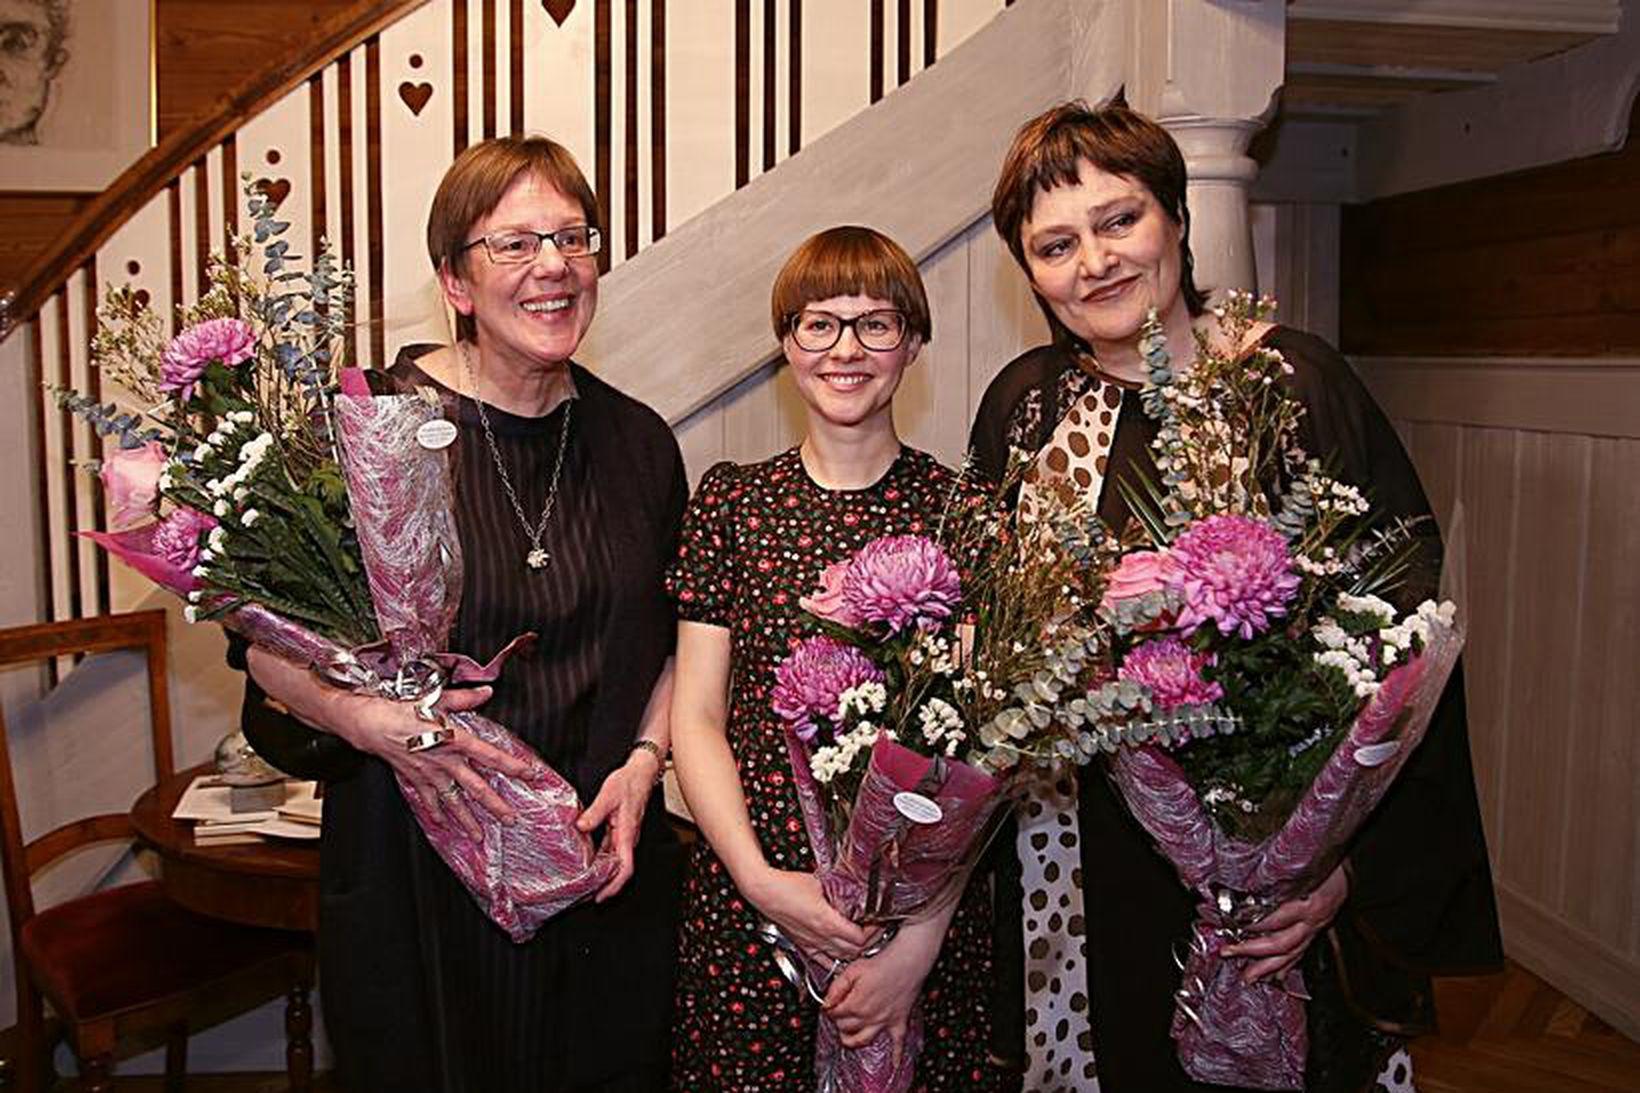 Frá vinstri: Þórunn Sigurðardóttir, Hildur Knútsdóttir og Halldóra K. Thoroddsen.